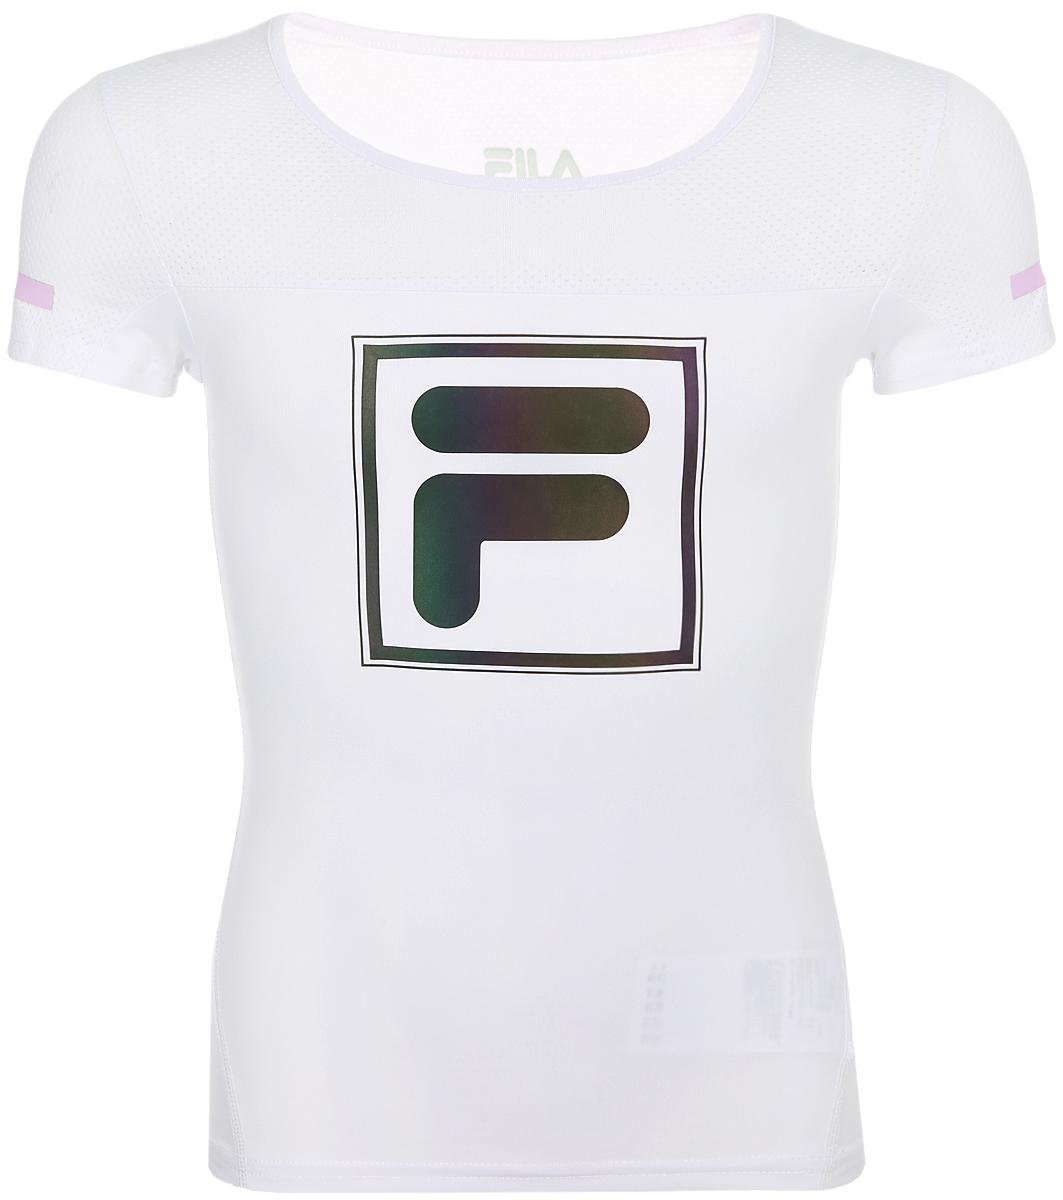 Футболка для девочки Fila, цвет: белый. A19AFLTSG03-00. Размер 164 футболка для девочки fila цвет белый a19afltsg02 00 размер 164